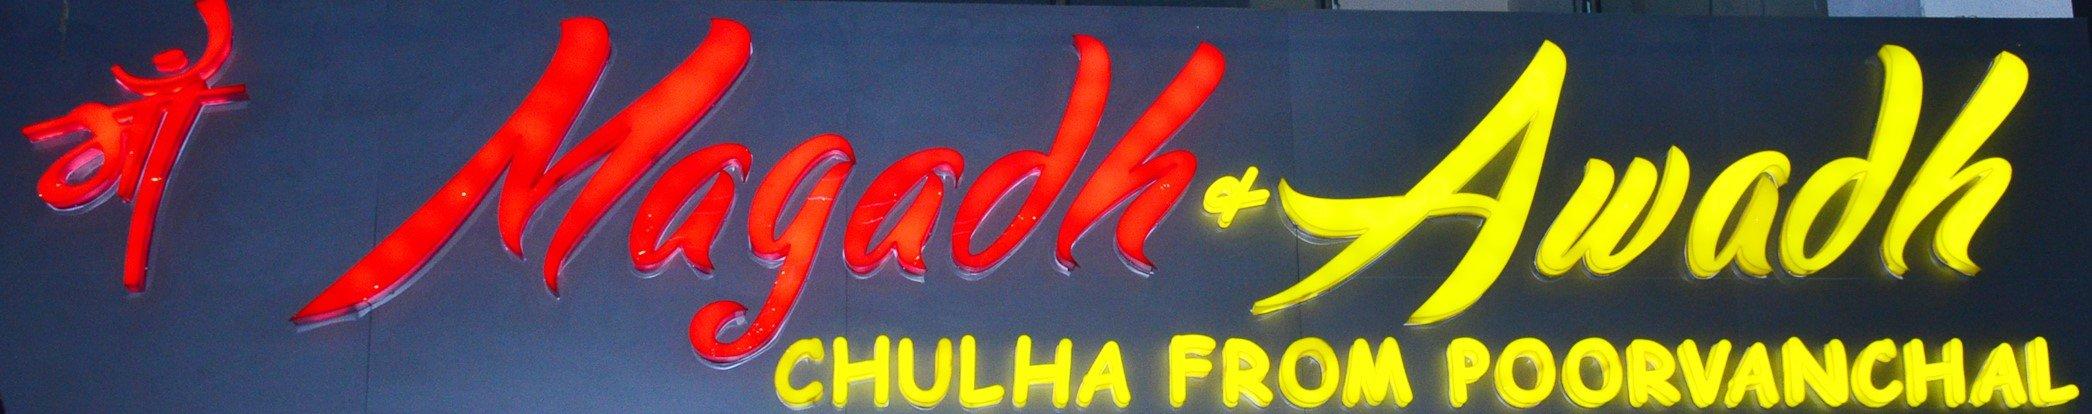 Magadh & Awadh